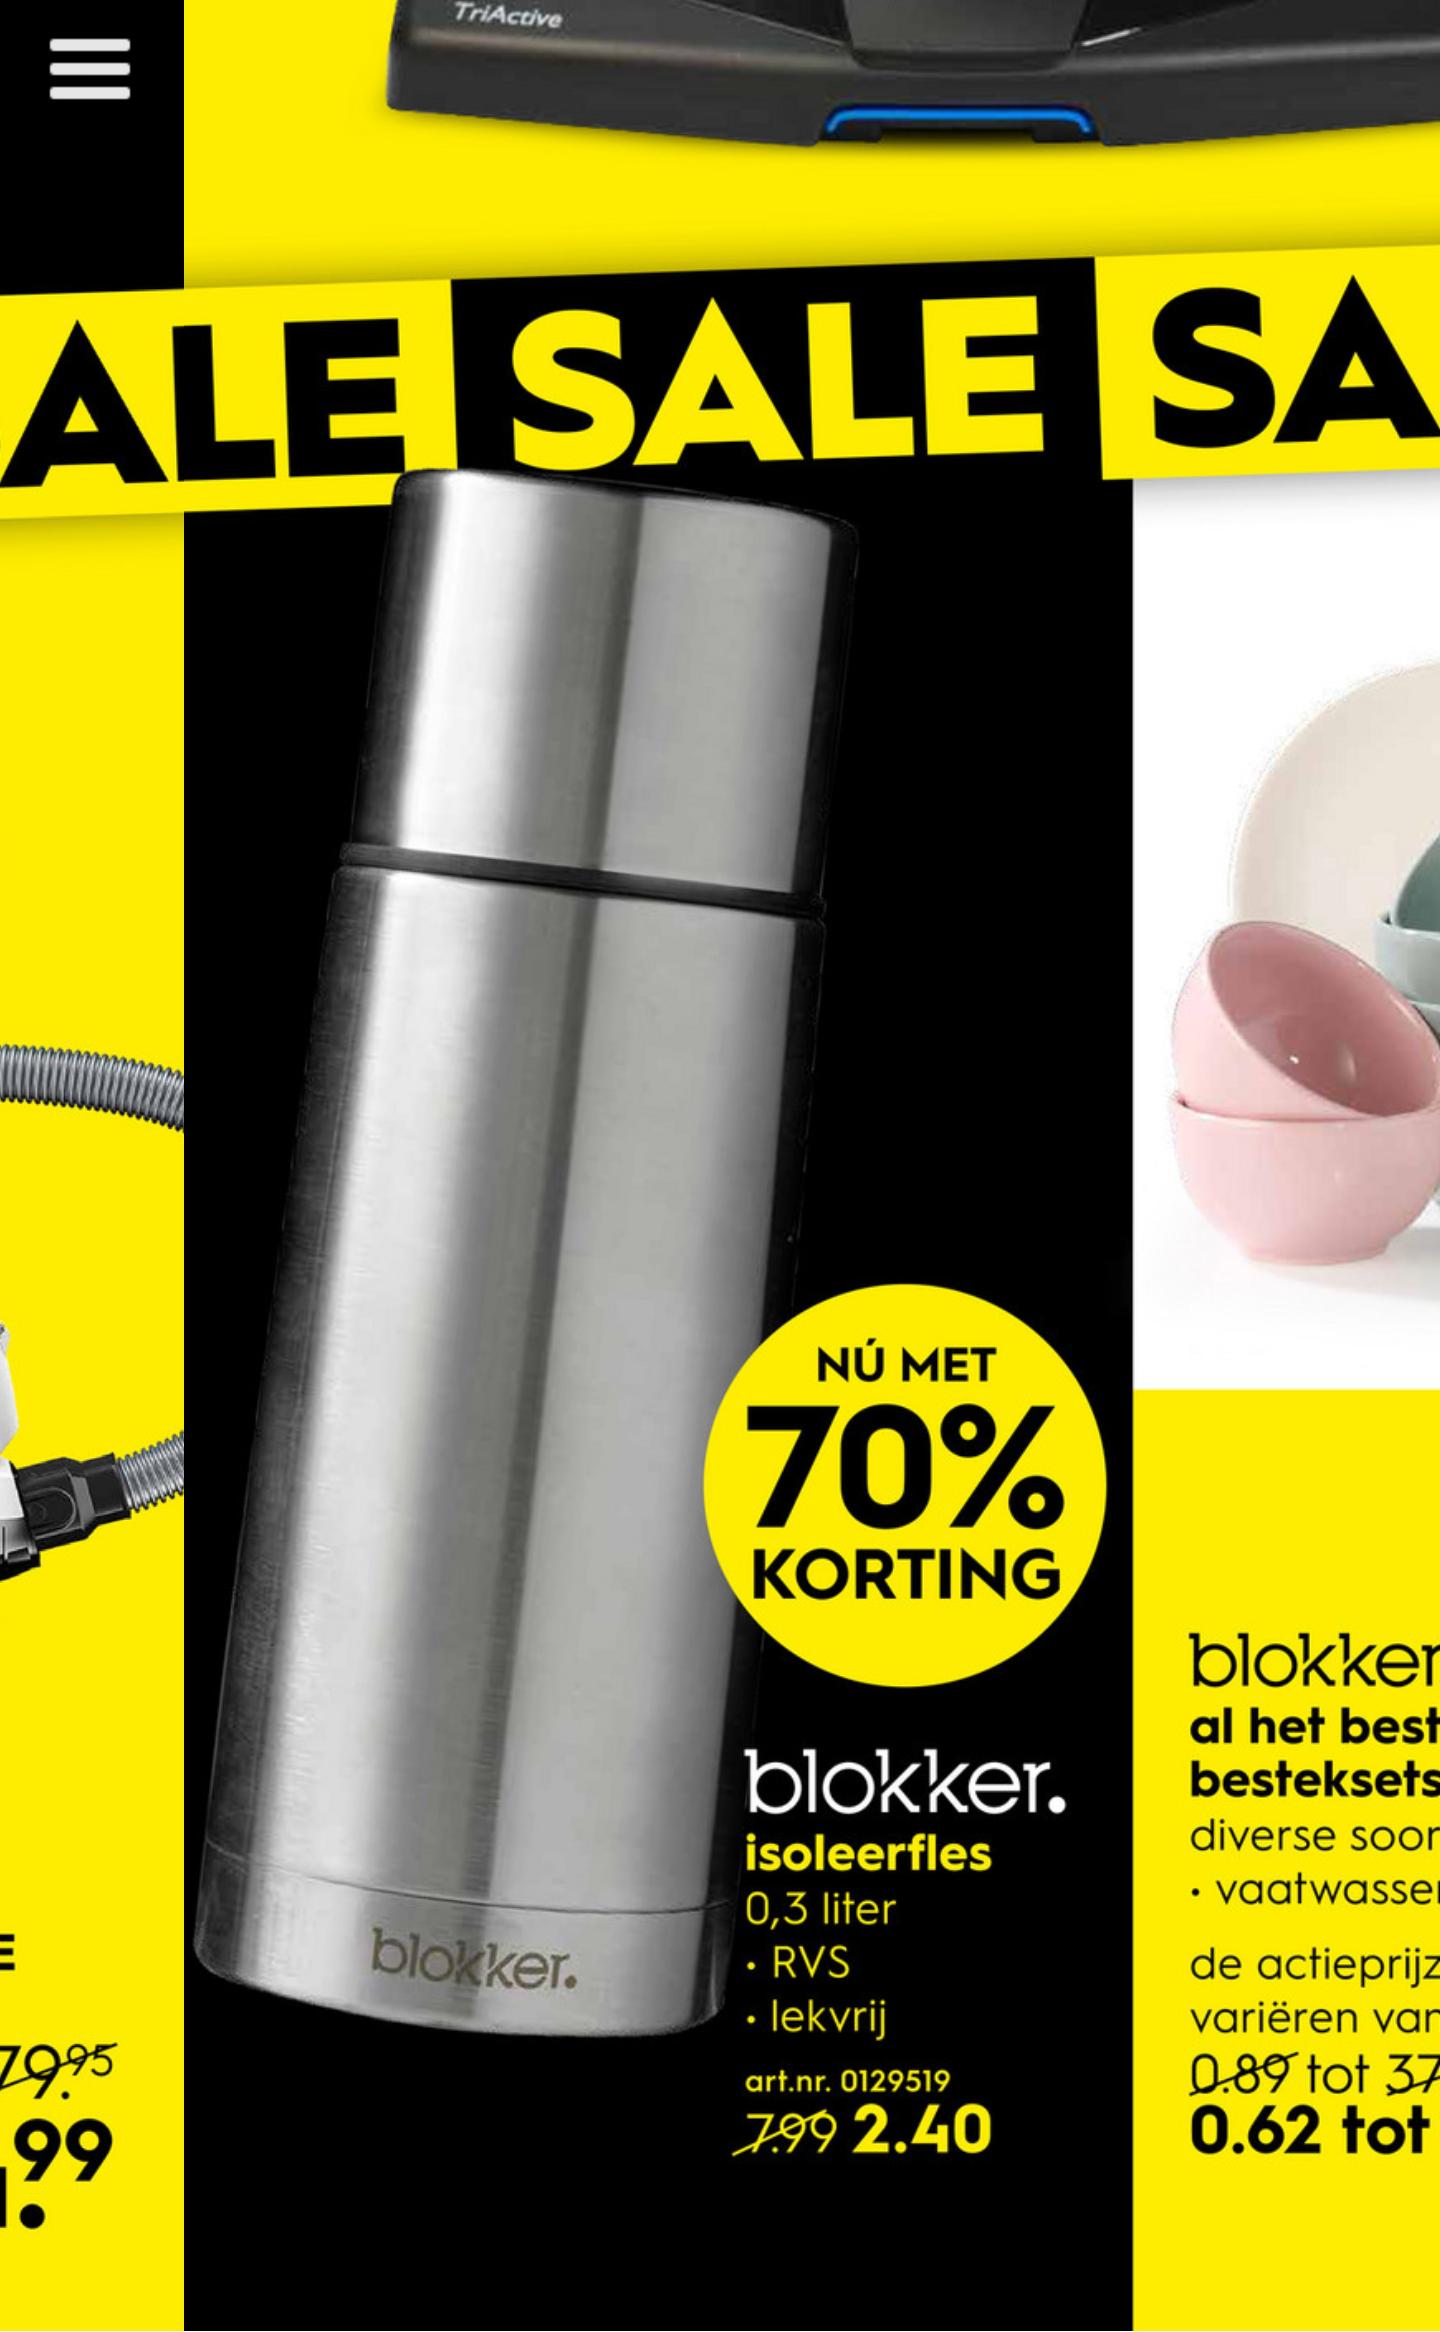 RVS isoleerbeker 0,3 liter bij de Blokker